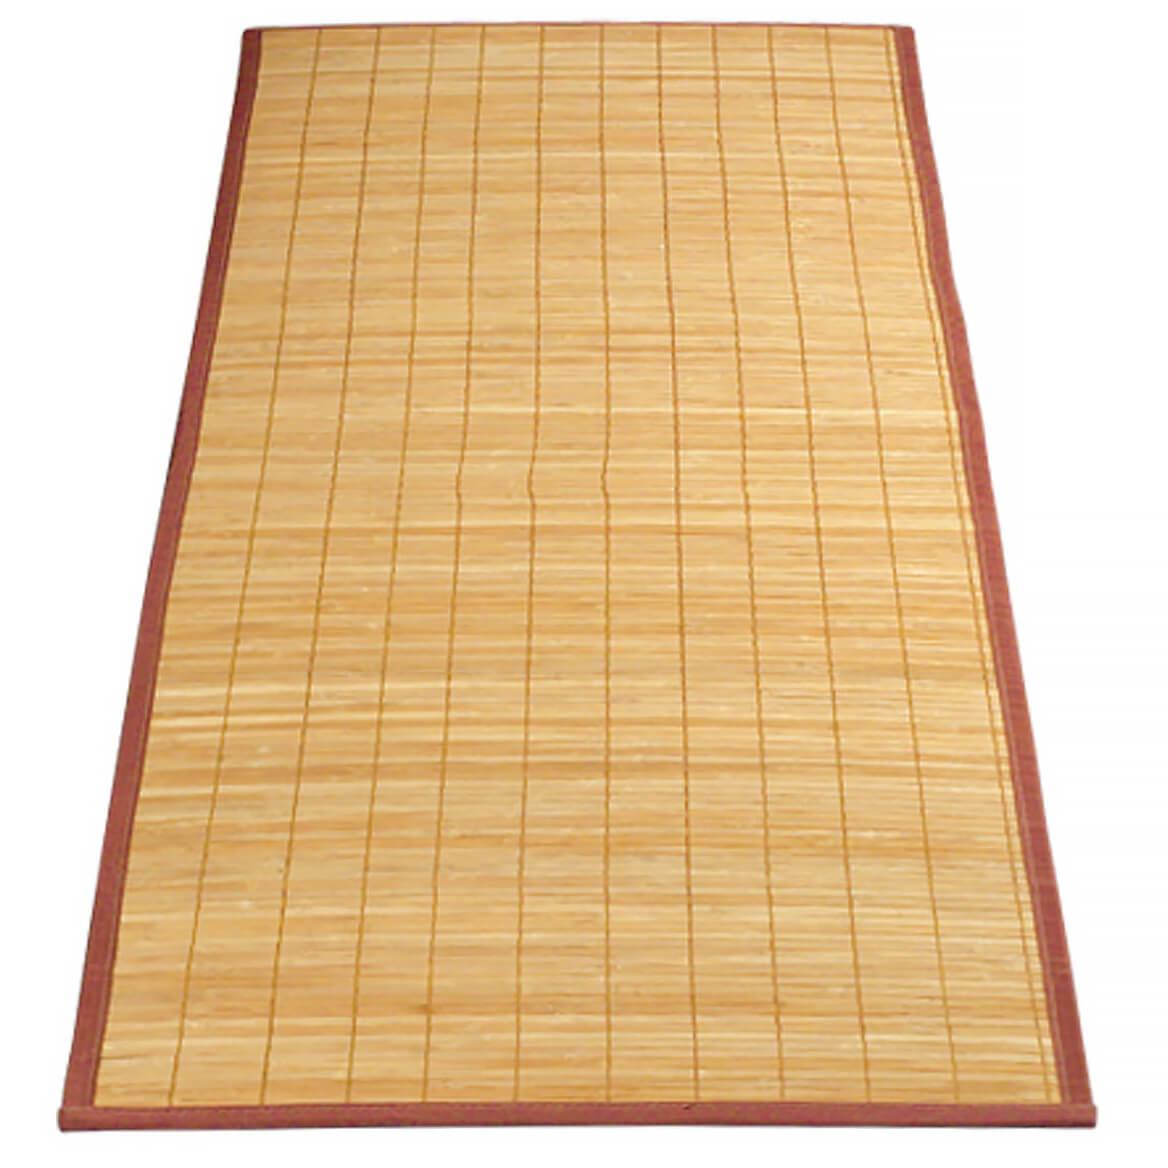 Bamboo Non Slip Runner 24 x 72-306605